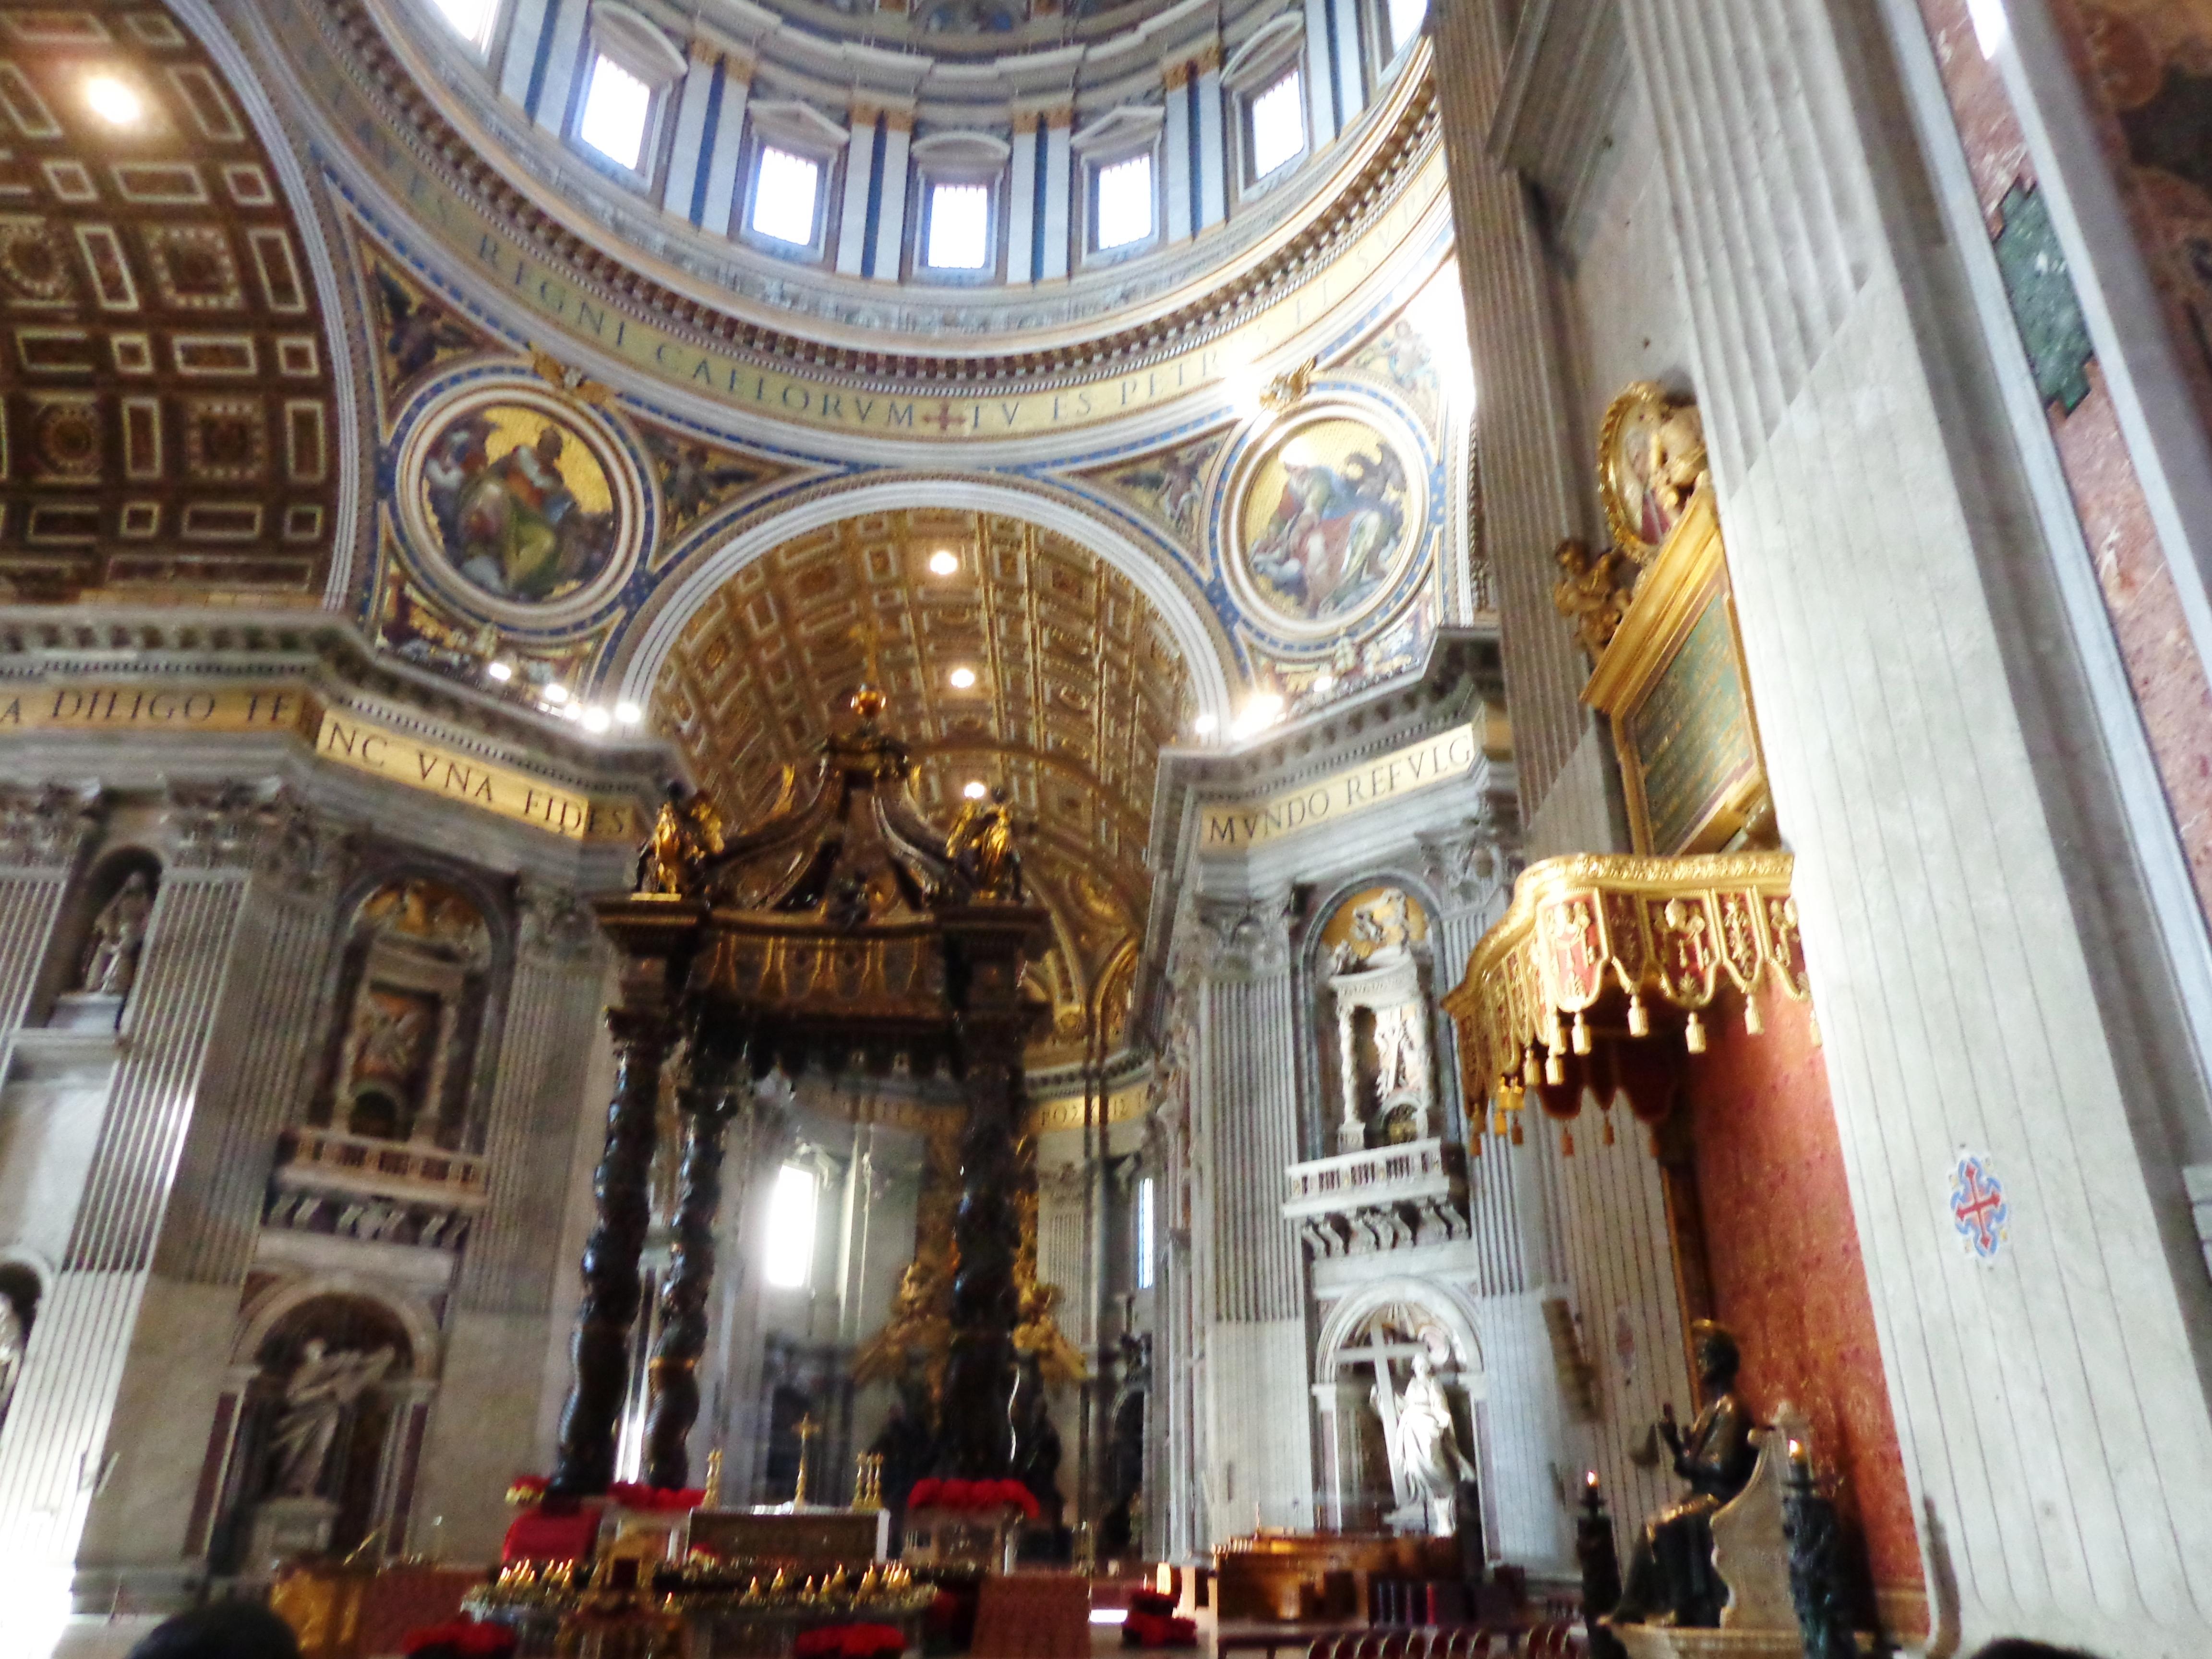 Baldaquín en la Parte Principal de la Basílica